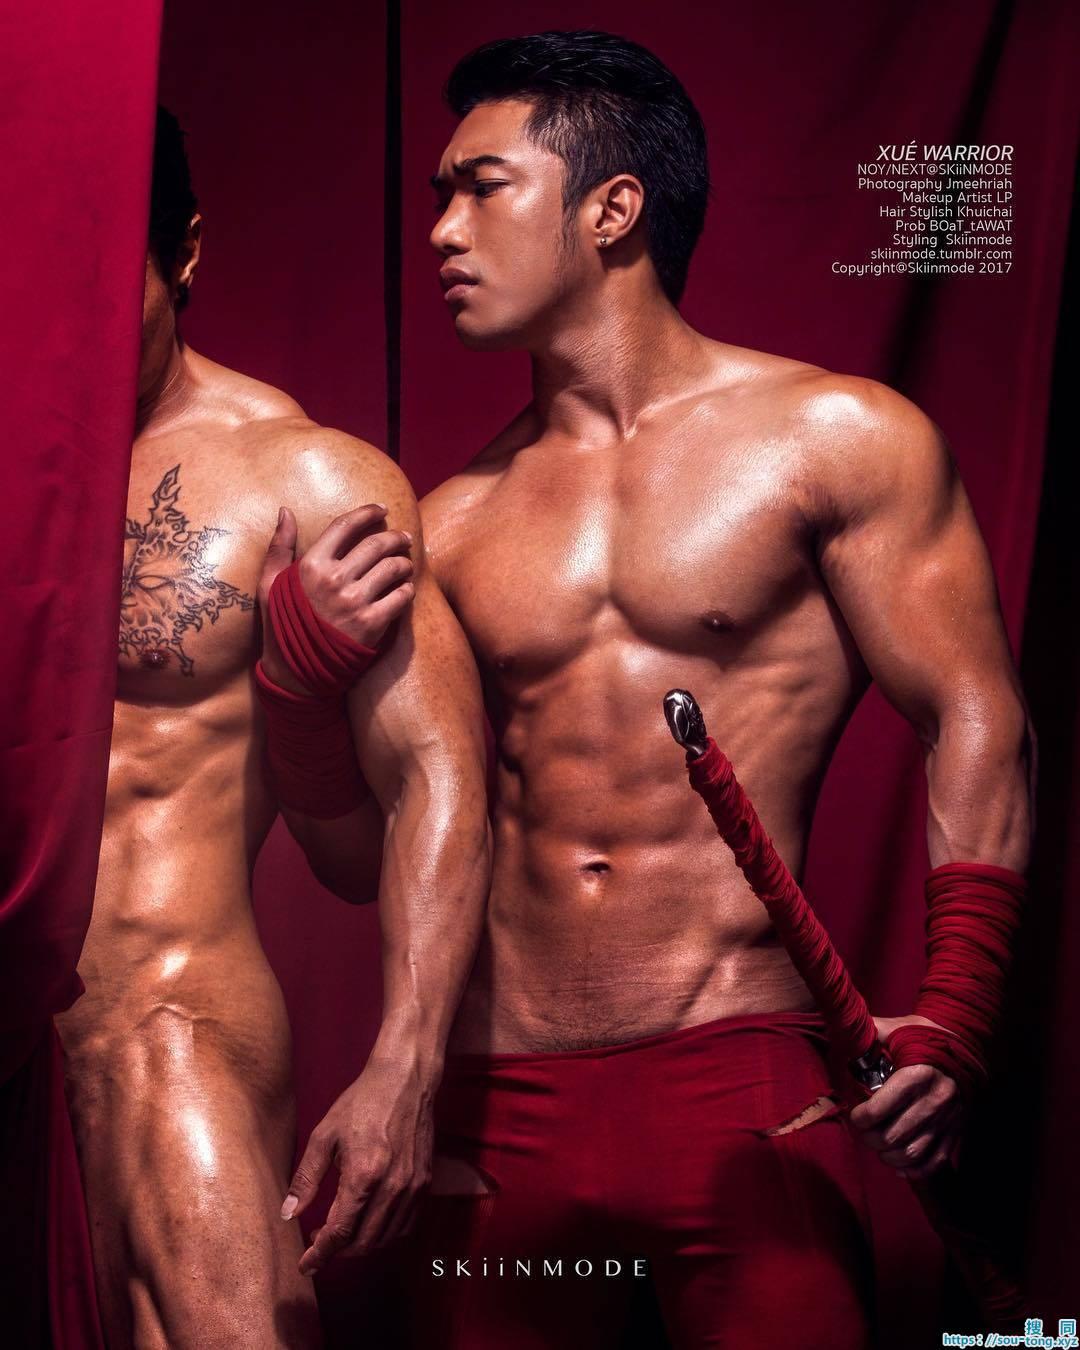 肌肉线条颜值颇高的男模们